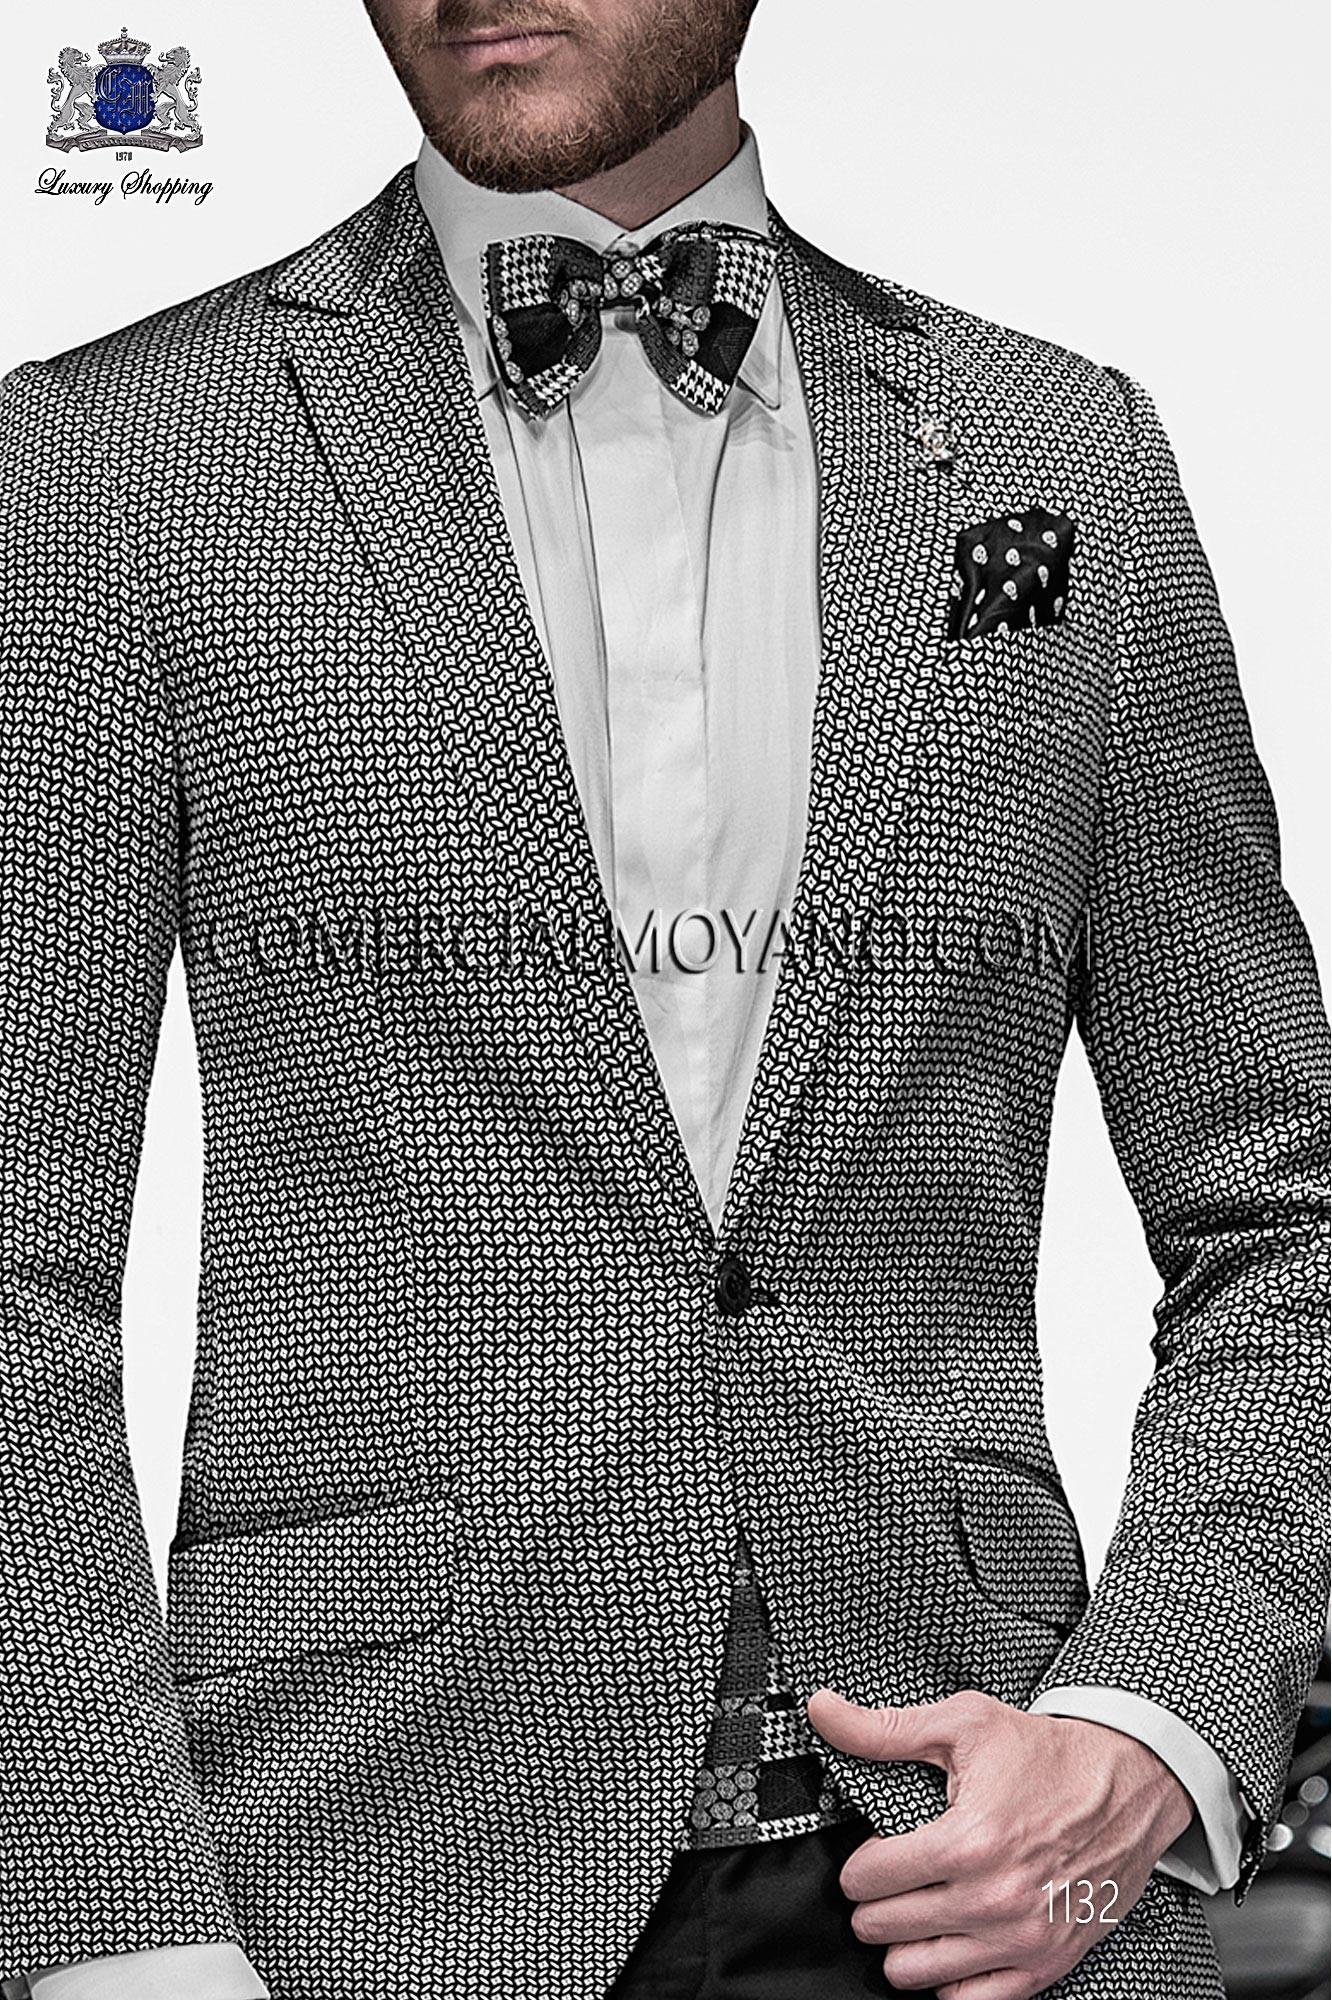 Traje Emotion de novio negro/plata modelo: 1132 Ottavio Nuccio Gala colección Emotion